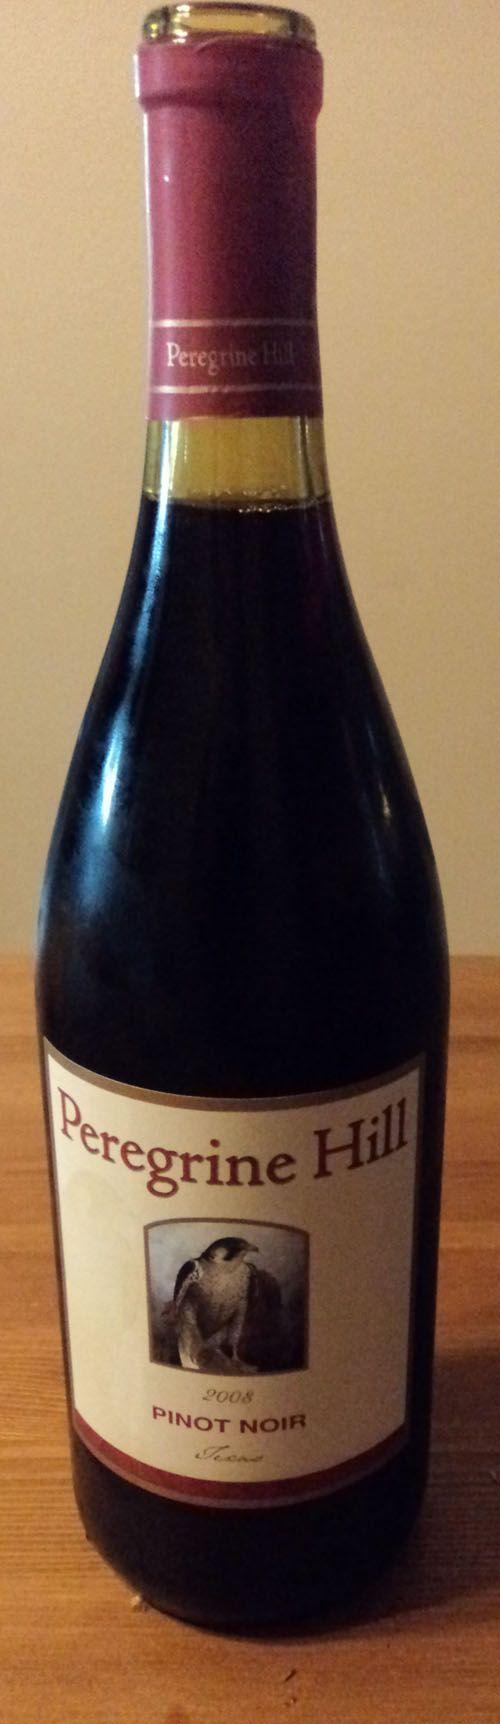 Peregrine Hill Pinot Noir